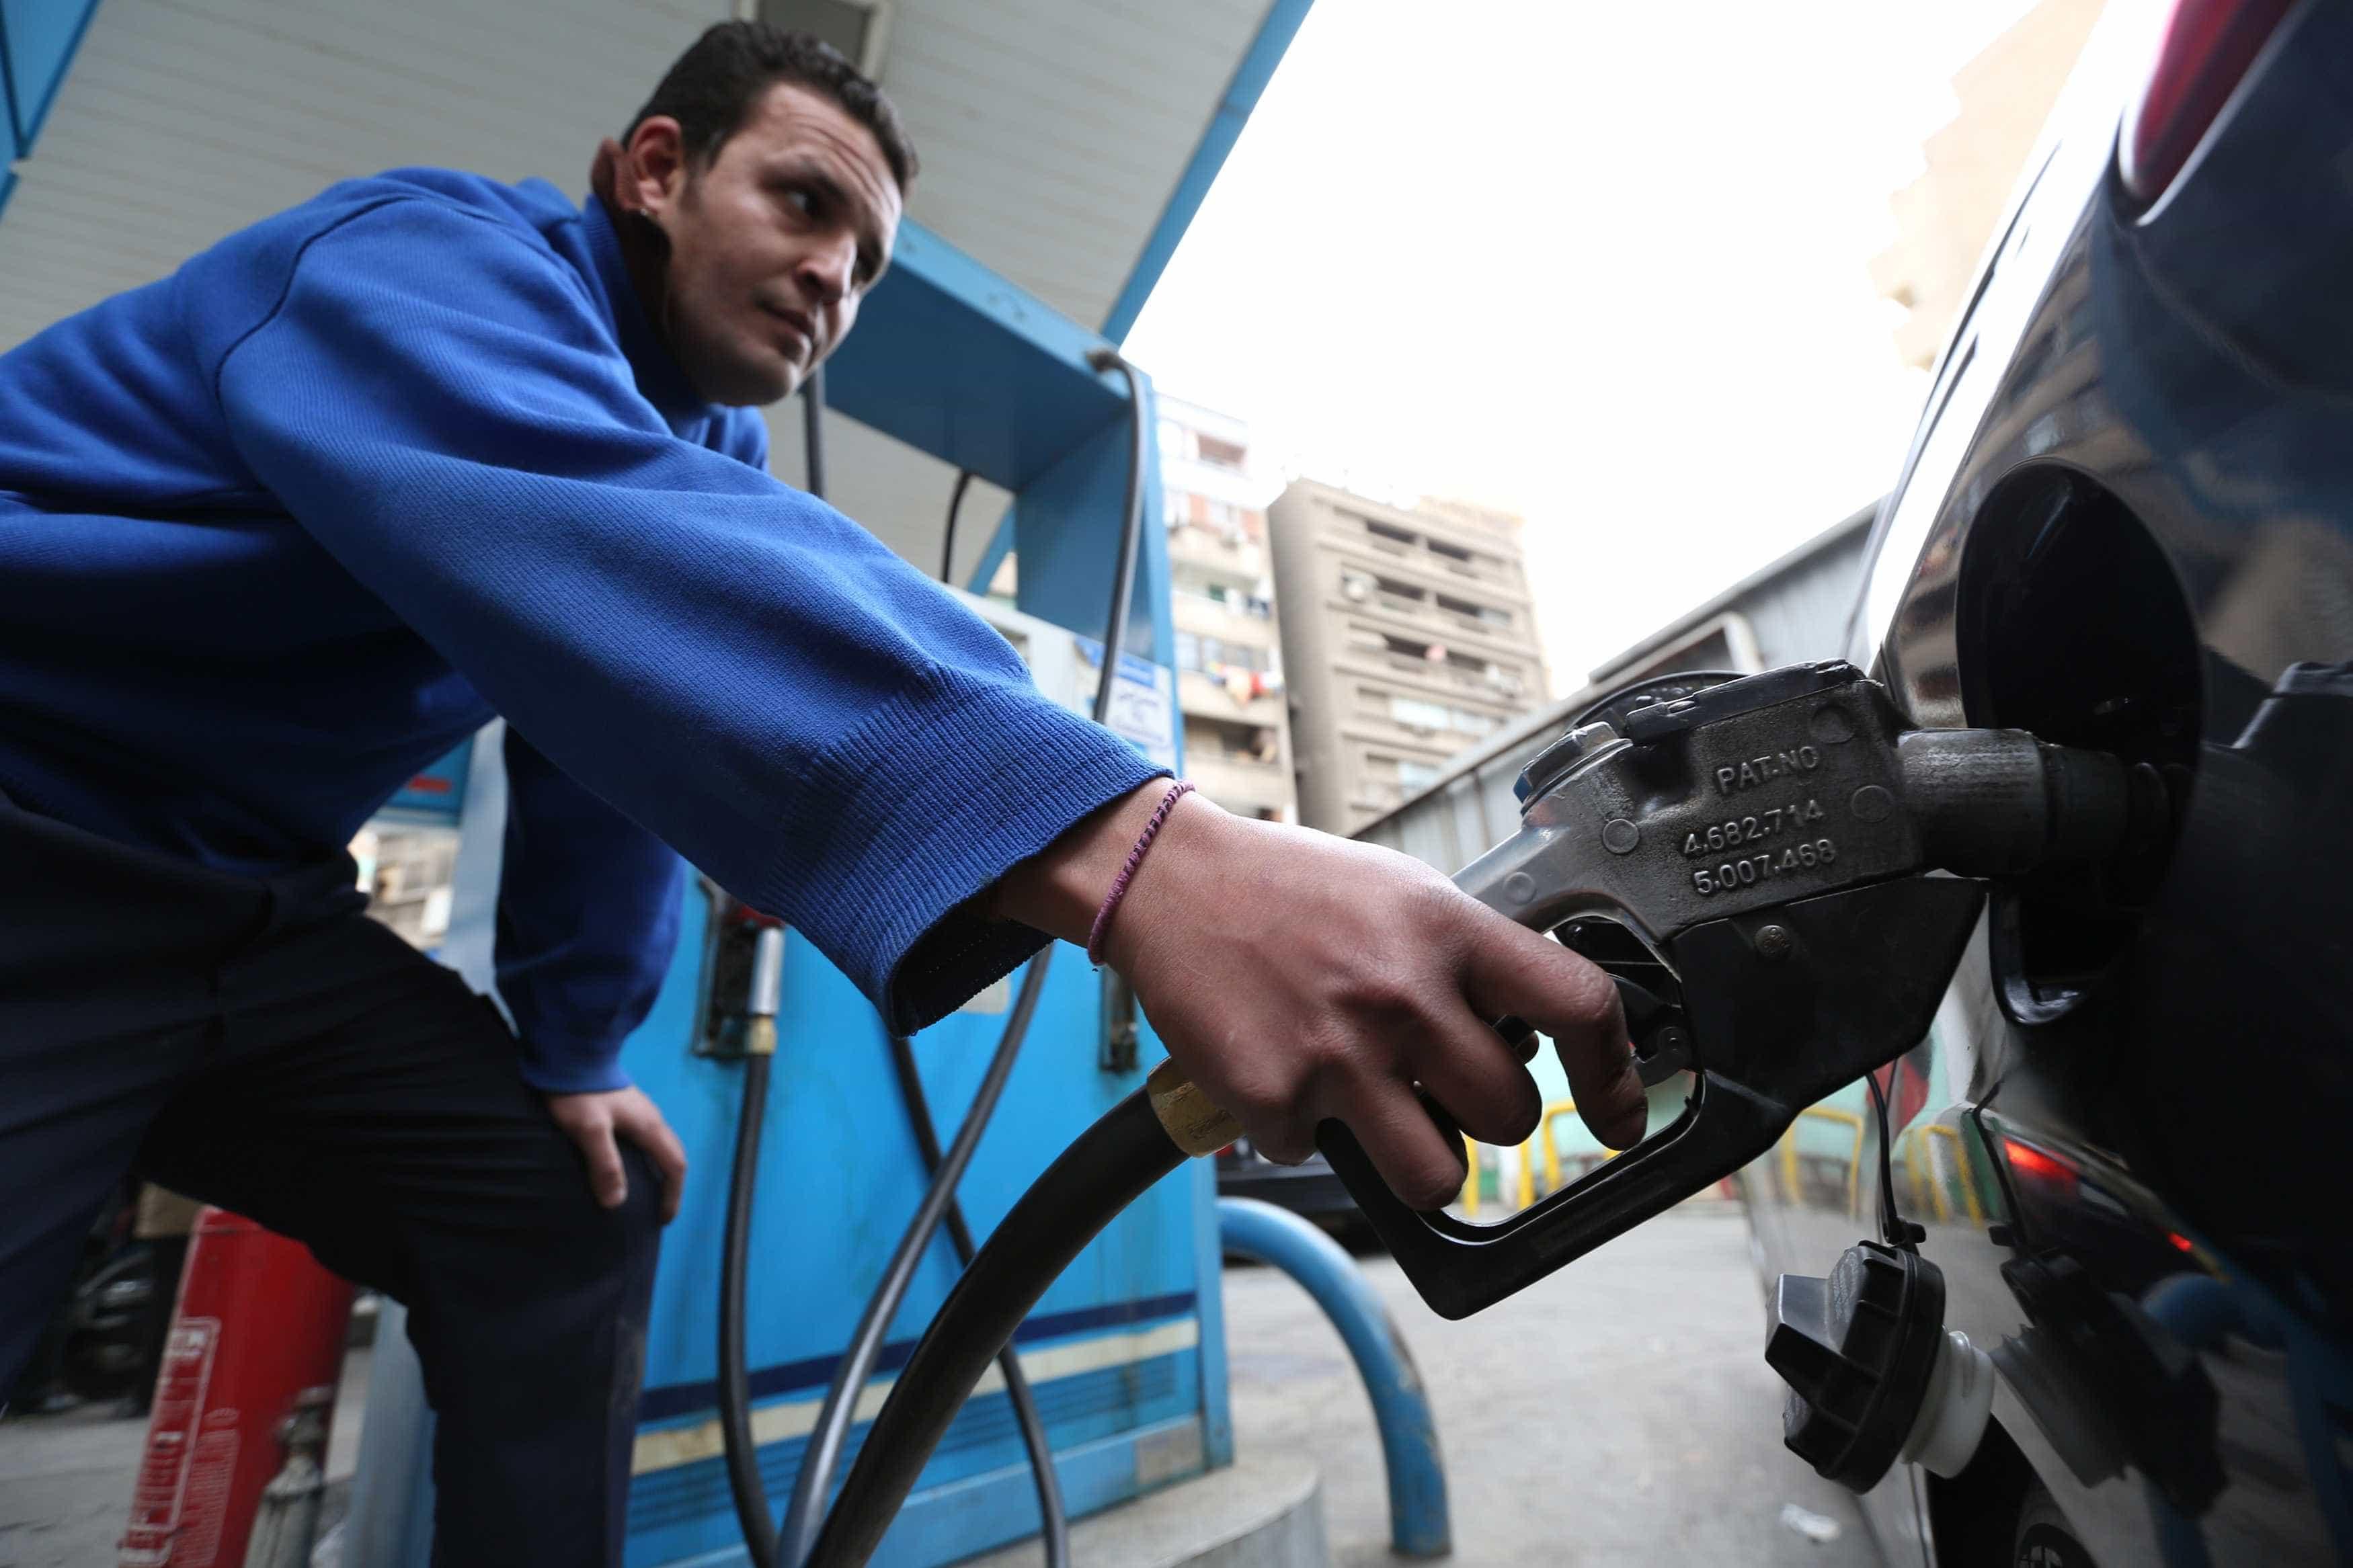 Combustíveis descem. Gasóleo mais barato pela 5.ª vez, gasolina pela 8.ª